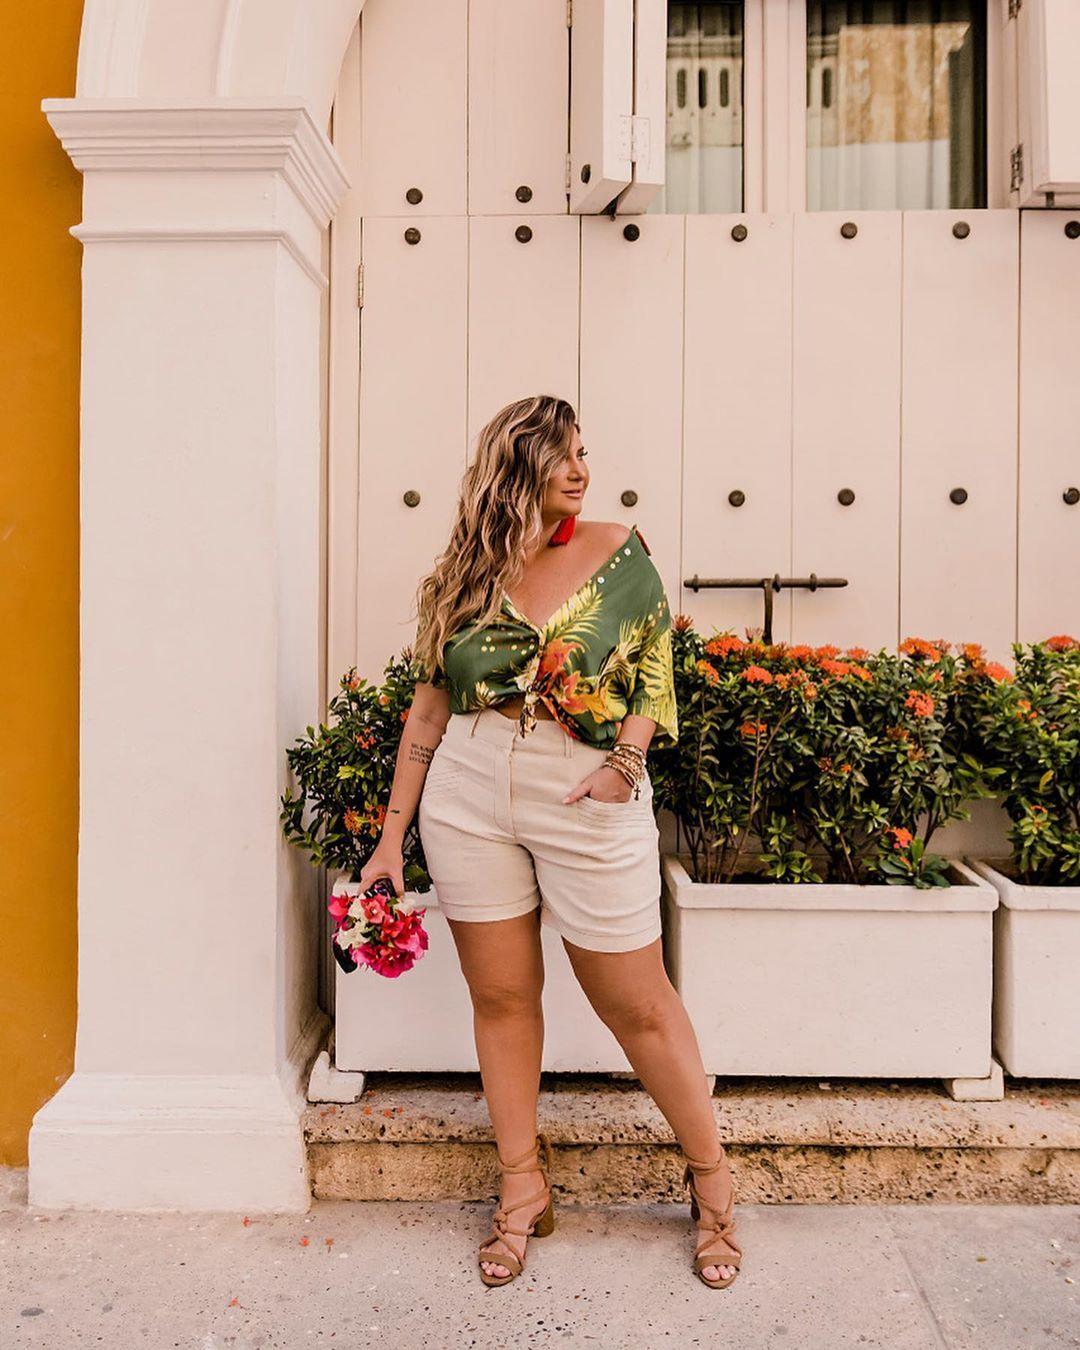 É Hoje O Lançamento Cartagena Da @joincurves E Eu Já